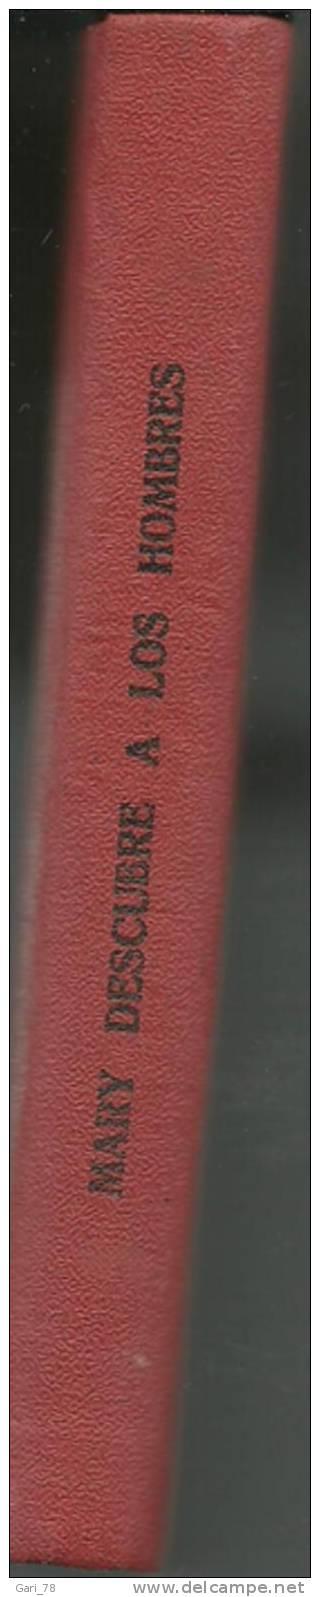 Alberto INSUA Los Hombres Mary Los Descubre Mary Los Perdona - Livres, BD, Revues